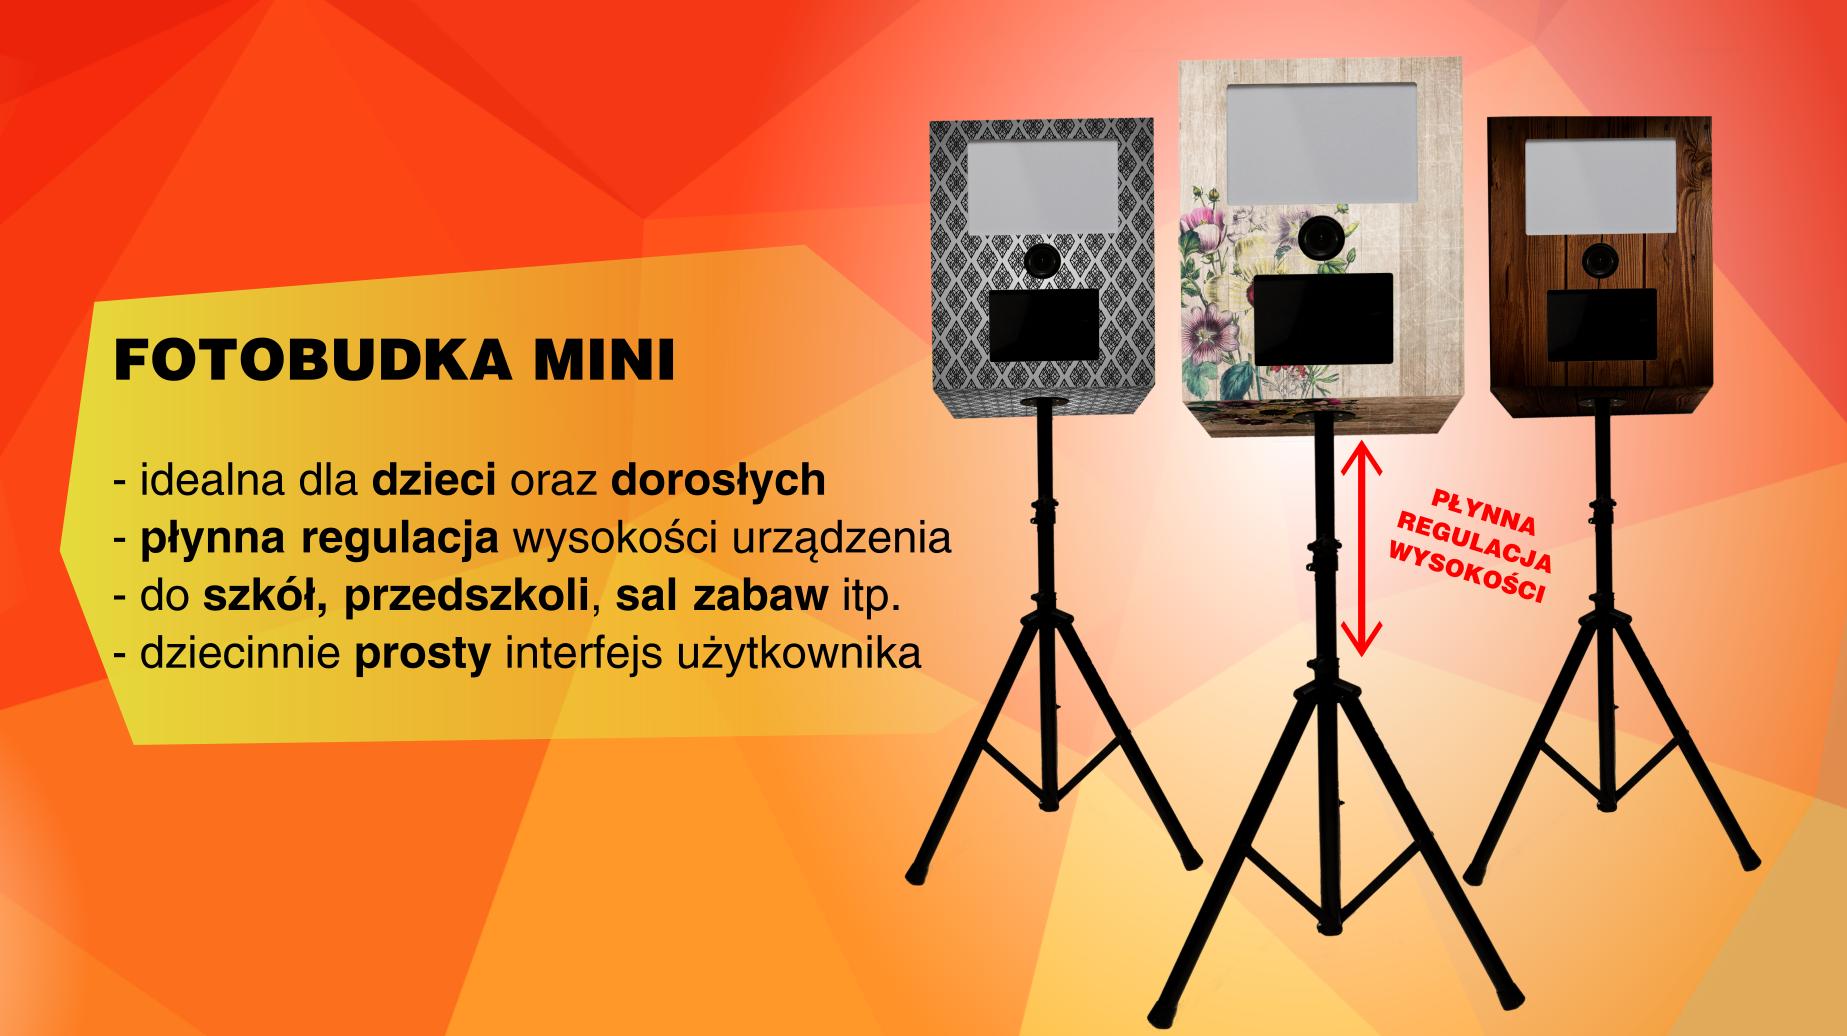 Fotobudka mini